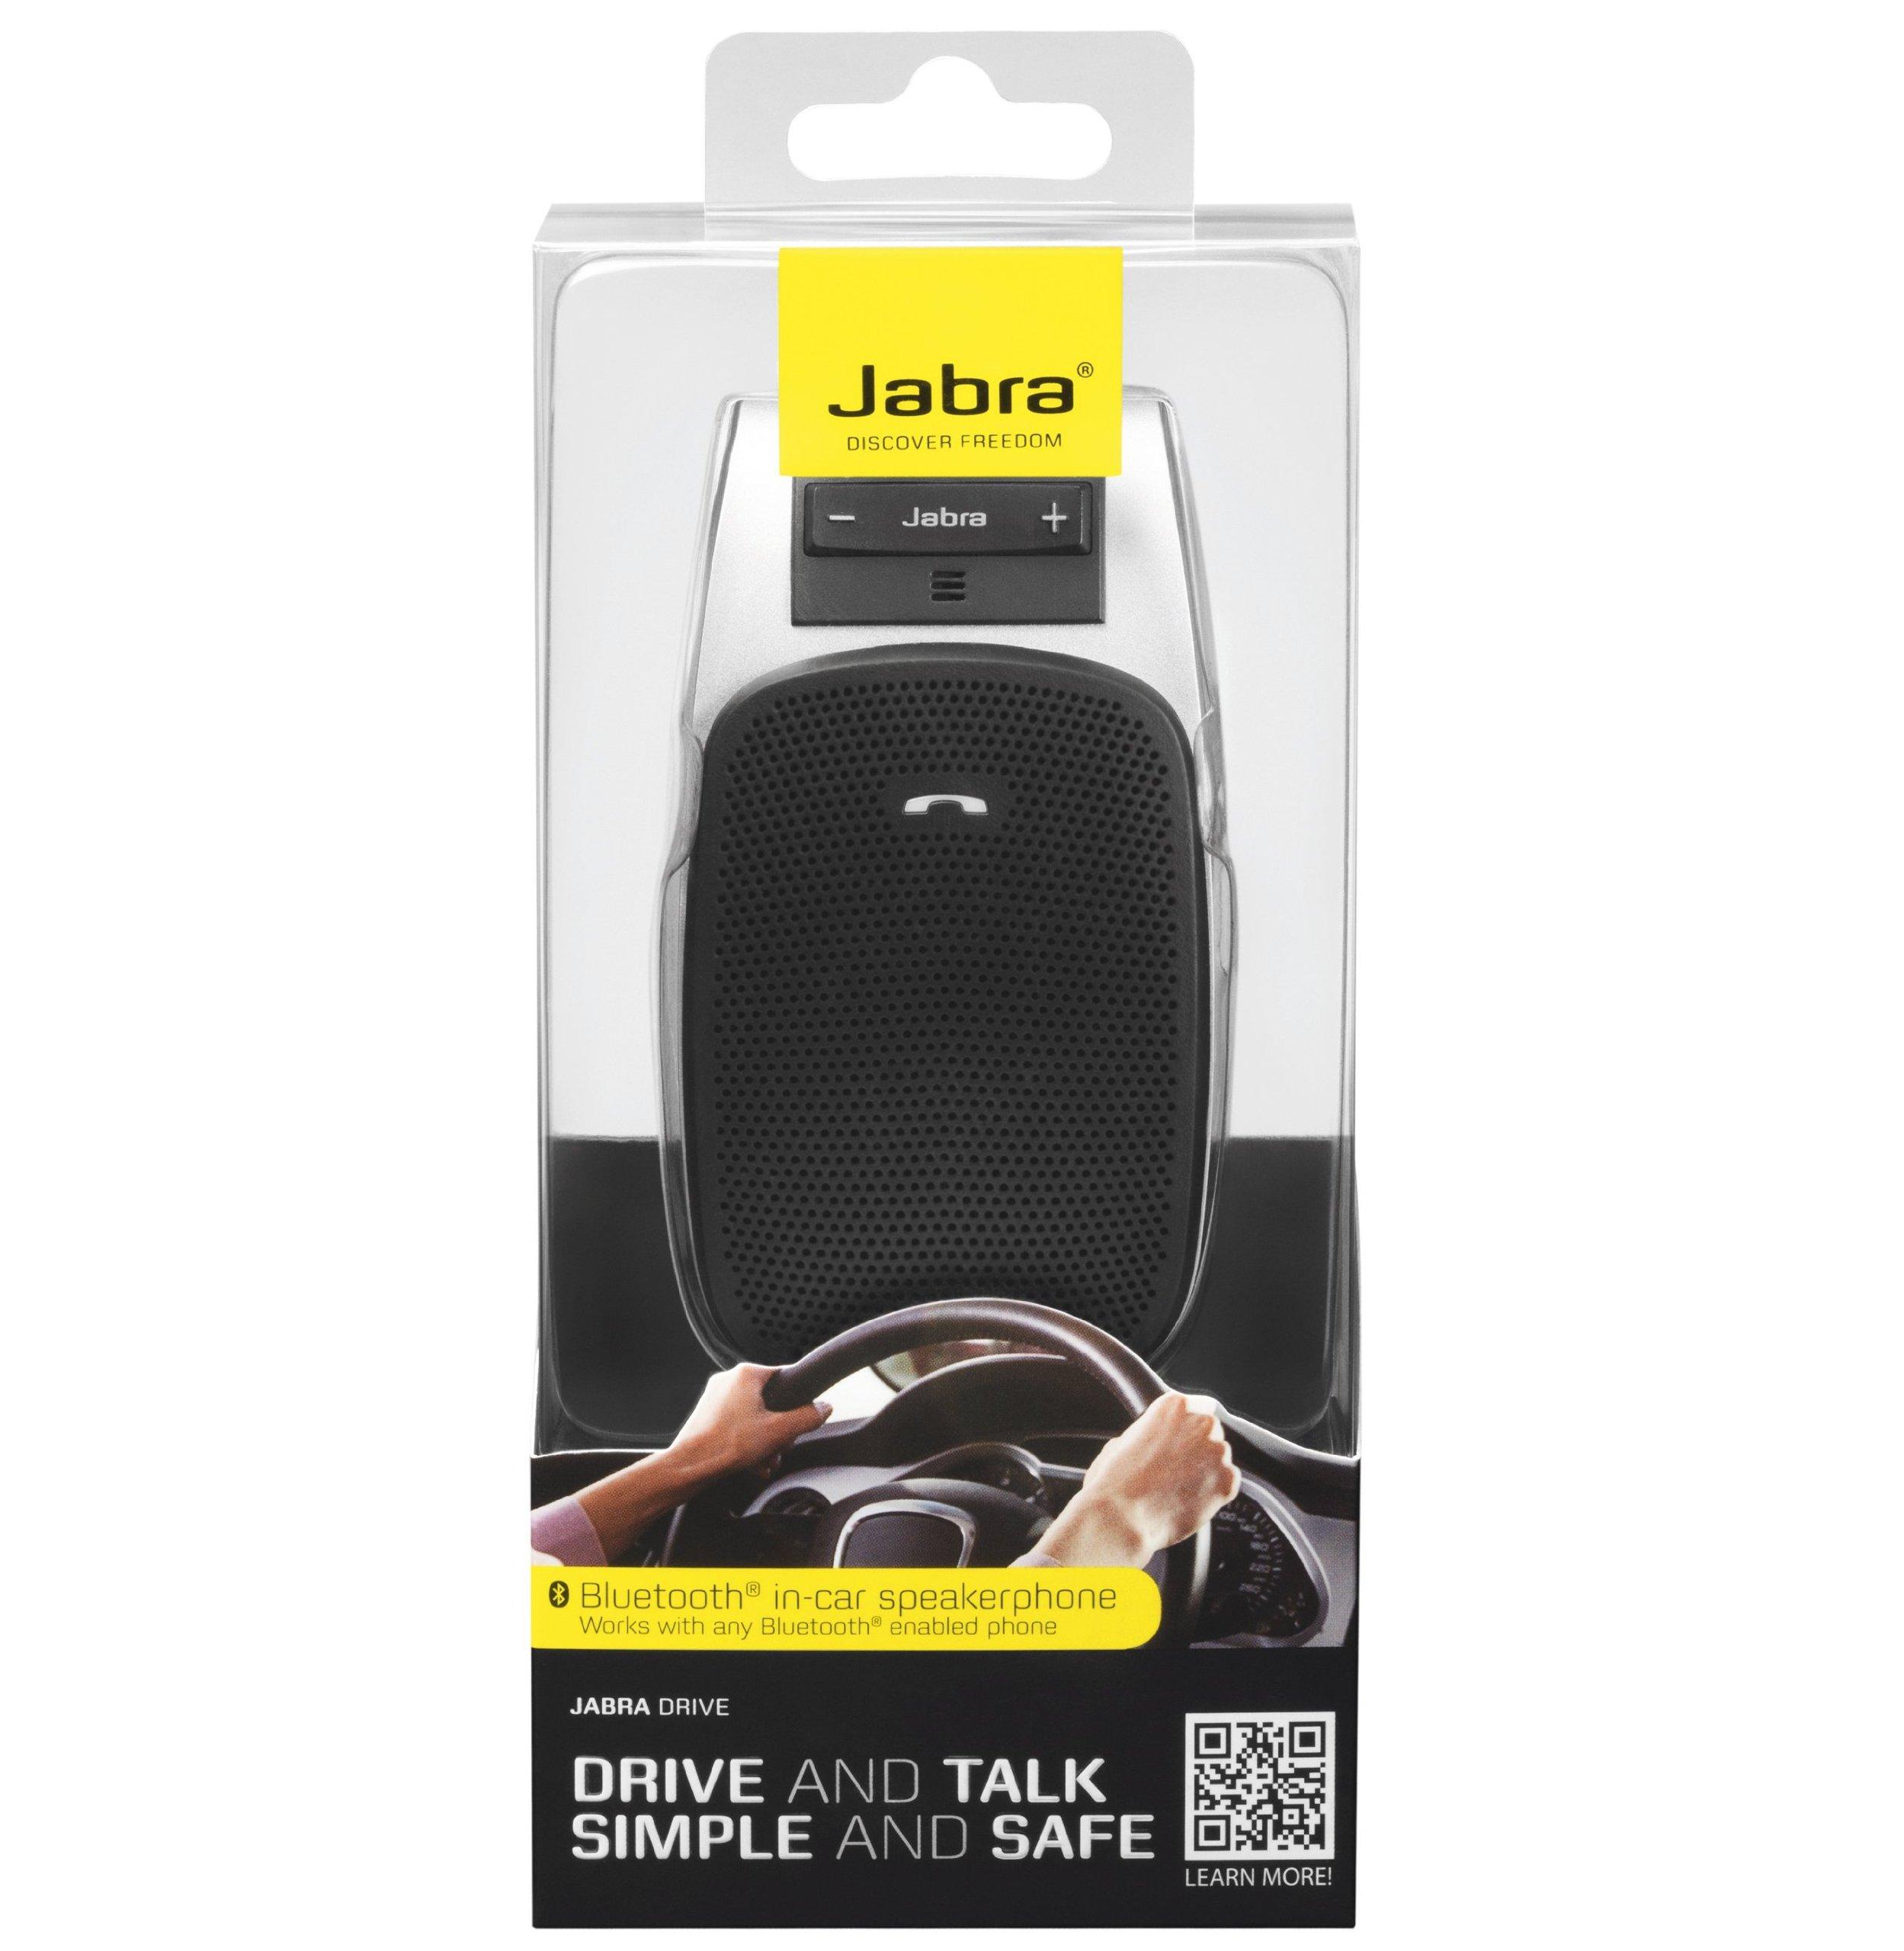 Jabra Drive Bluetooth In-Car Speakerphone (U.S. Retail Packaging) by Jabra (Image #4)